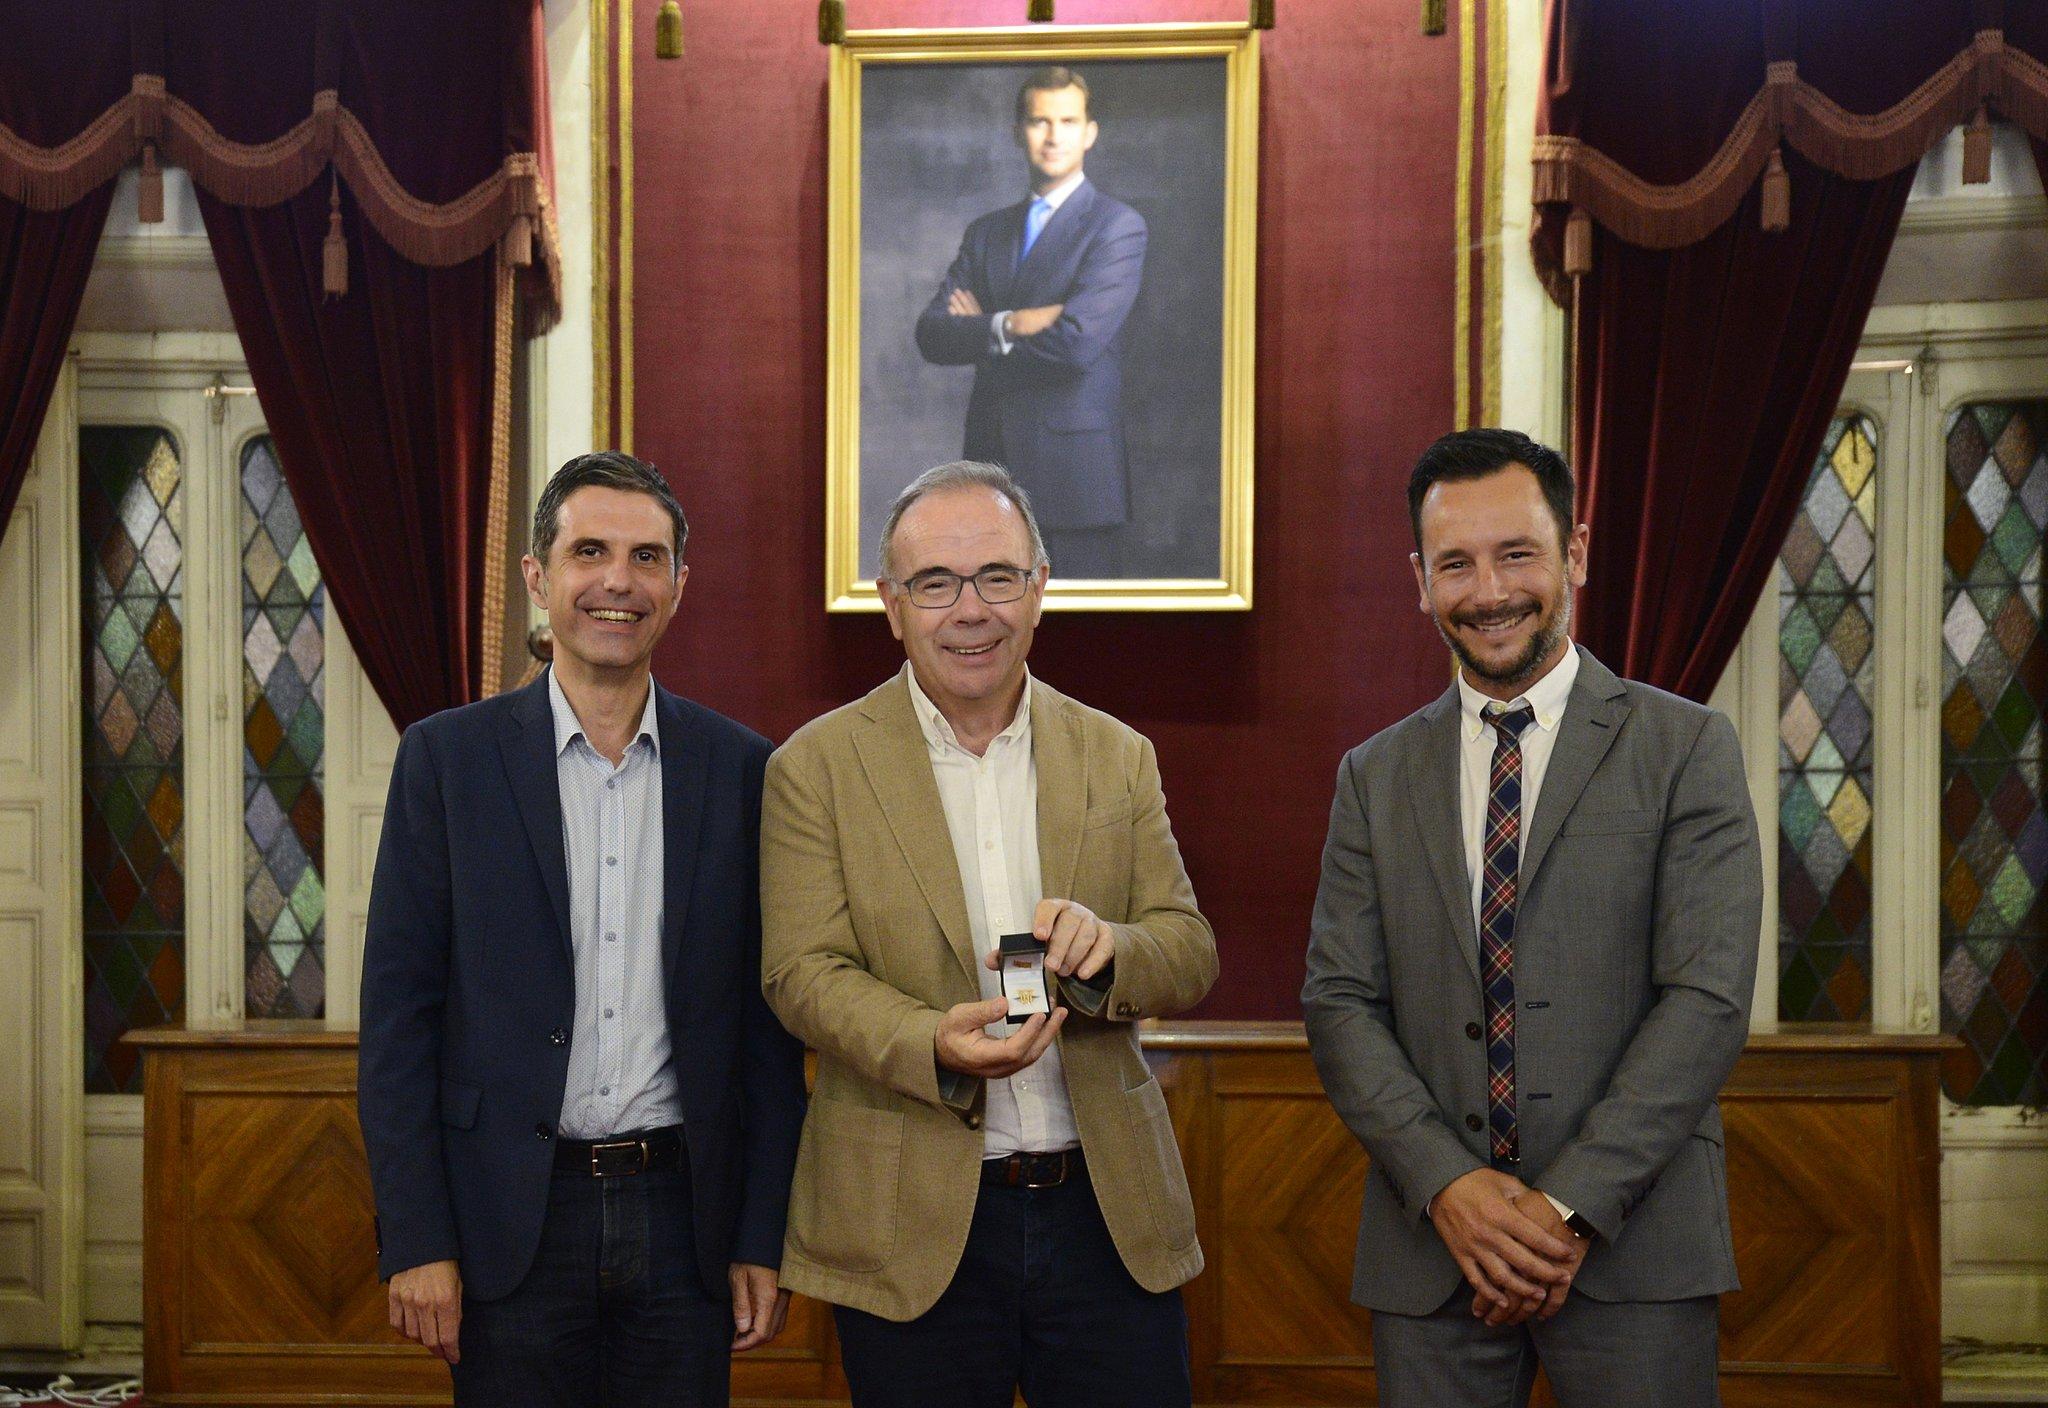 Xosé Sánchez Bugallo recibiu a insignia como novo integrante da Asemblea.